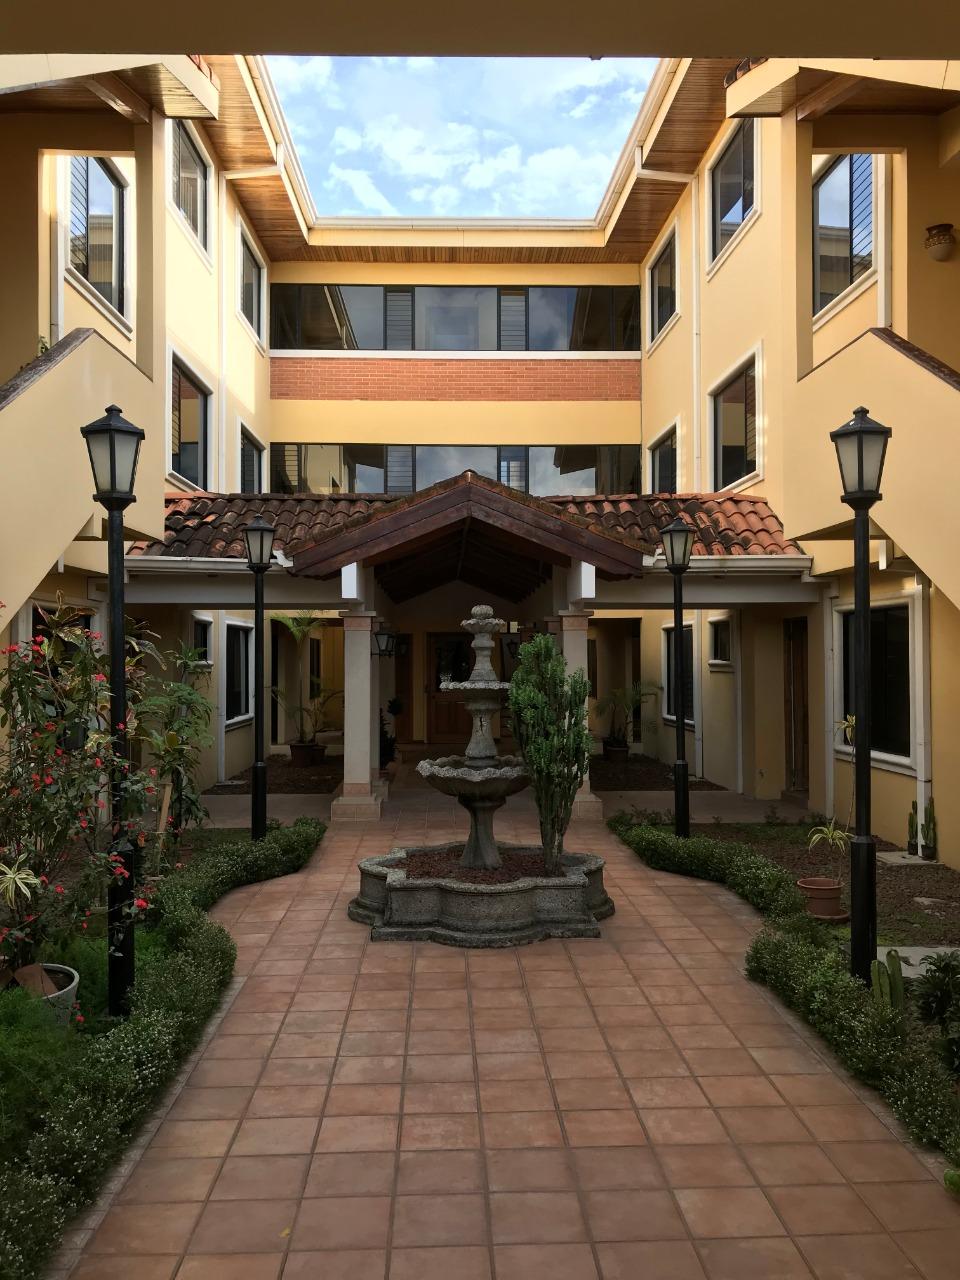 Alquiler de apartamento Trejos Montealegre Escazú